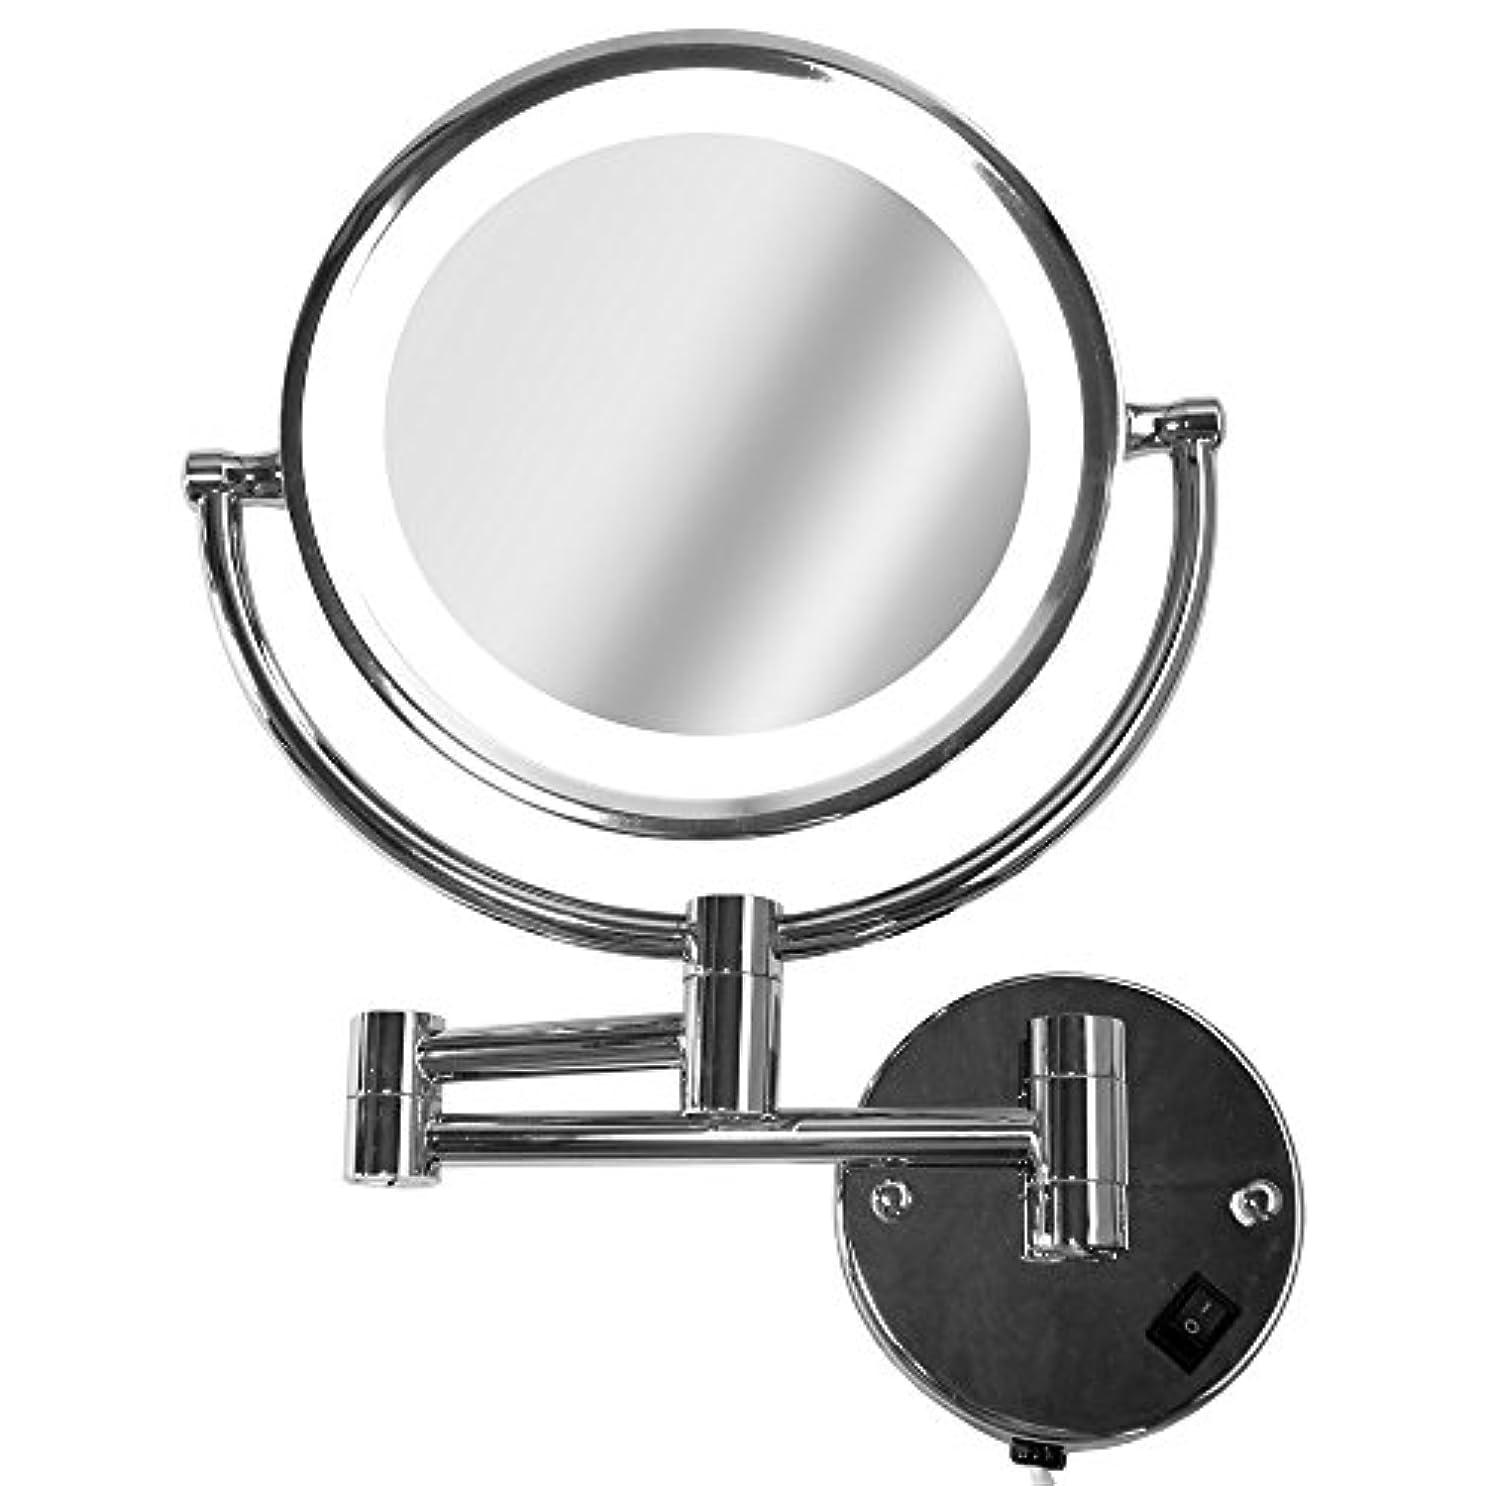 疾患プラグ感じLa Curie アームミラー 壁付けミラー 拡大鏡 折りたたみホテルミラー LEDライト付 5倍 LaCurie014